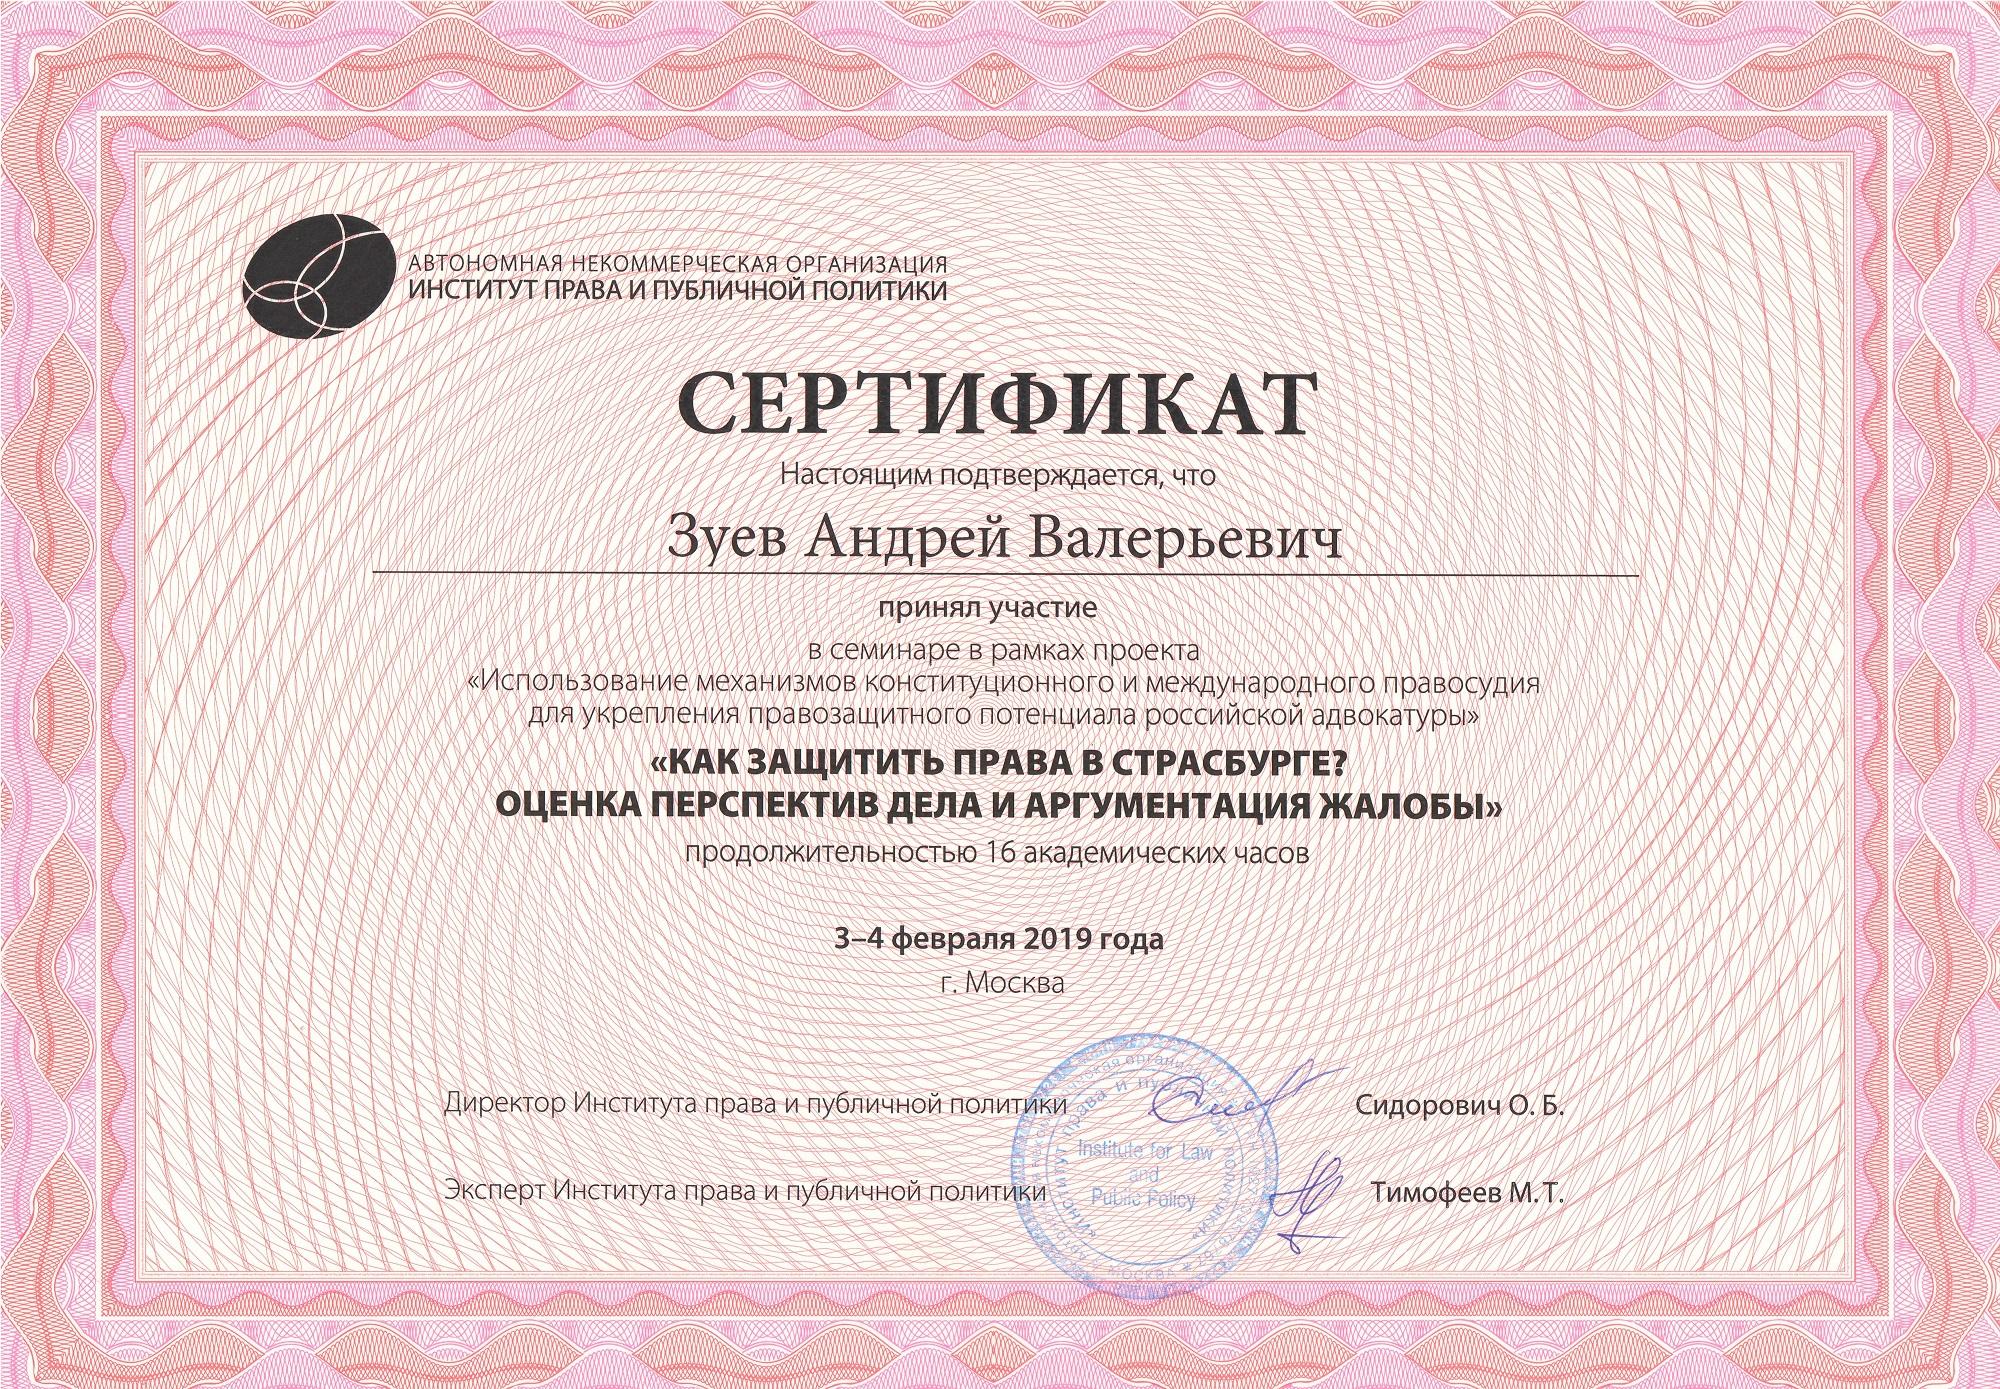 Сертификат о повышении квалификации на семинаре по ЕСПЧ